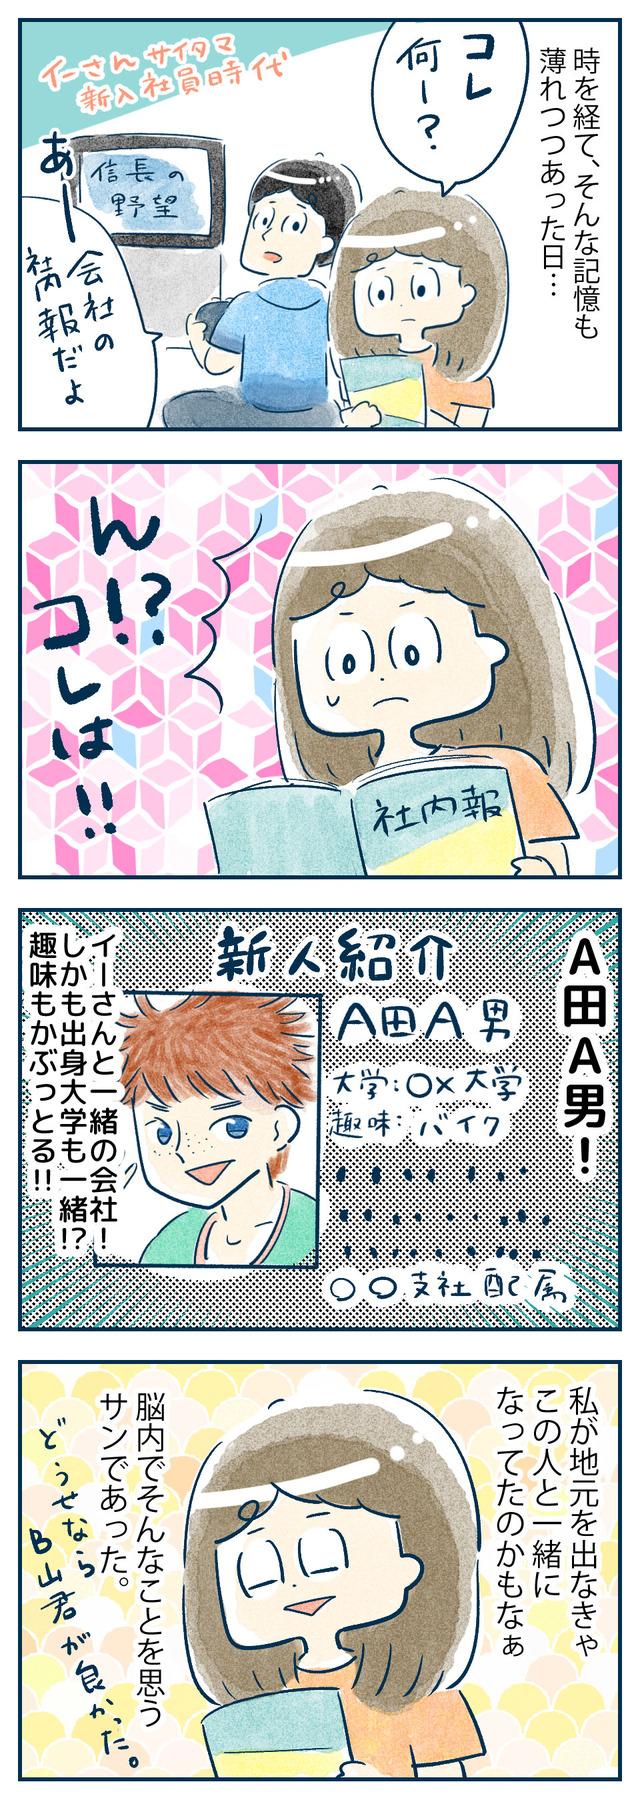 unmeijanaihito02